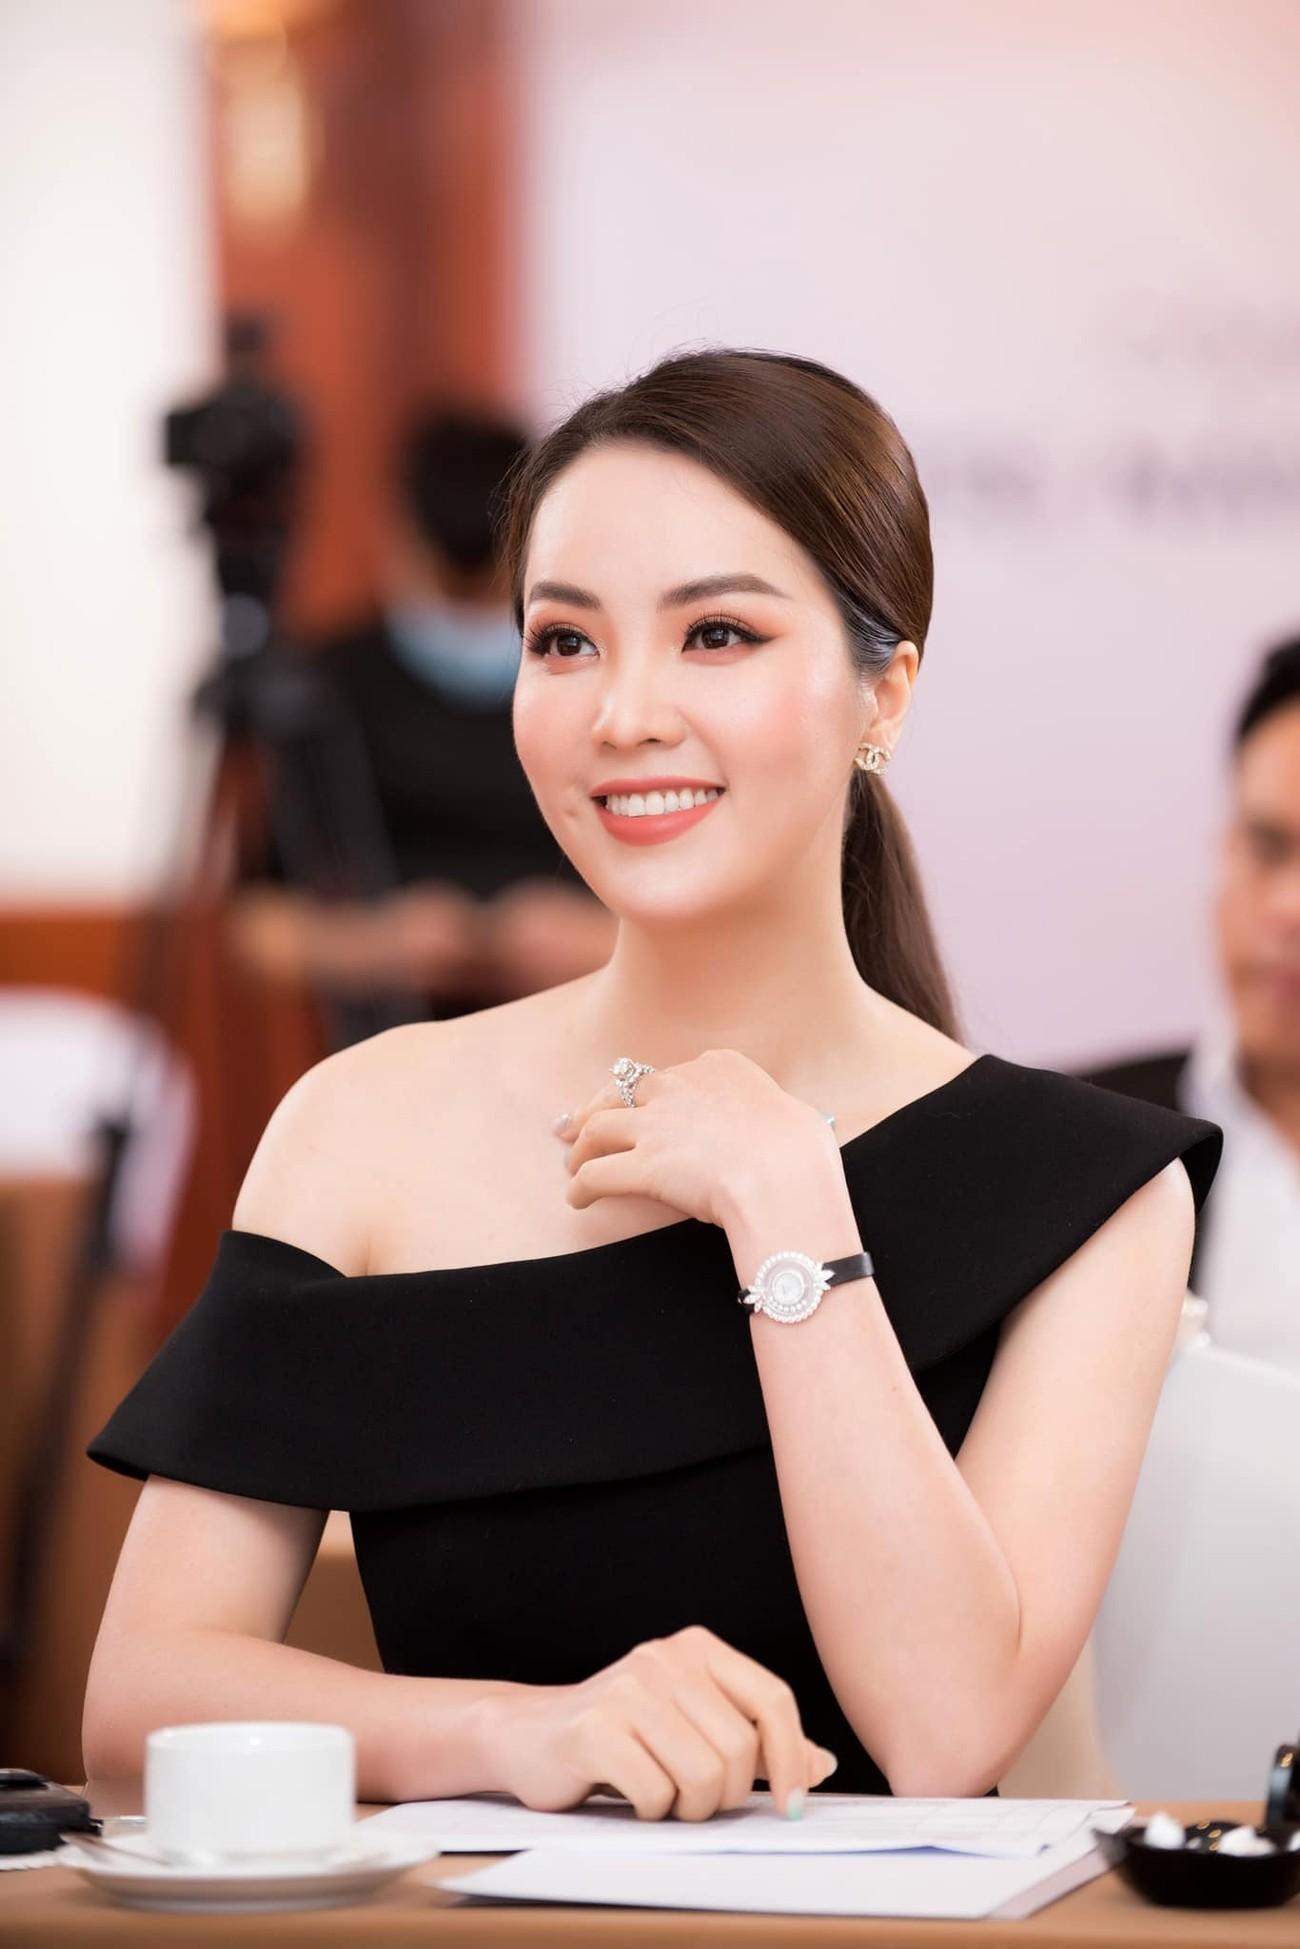 Đỗ Thị Hà mặc sơ-mi trắng giản dị xinh đẹp, Đặng Thu Thảo quyến rũ với váy lệch vai ảnh 11